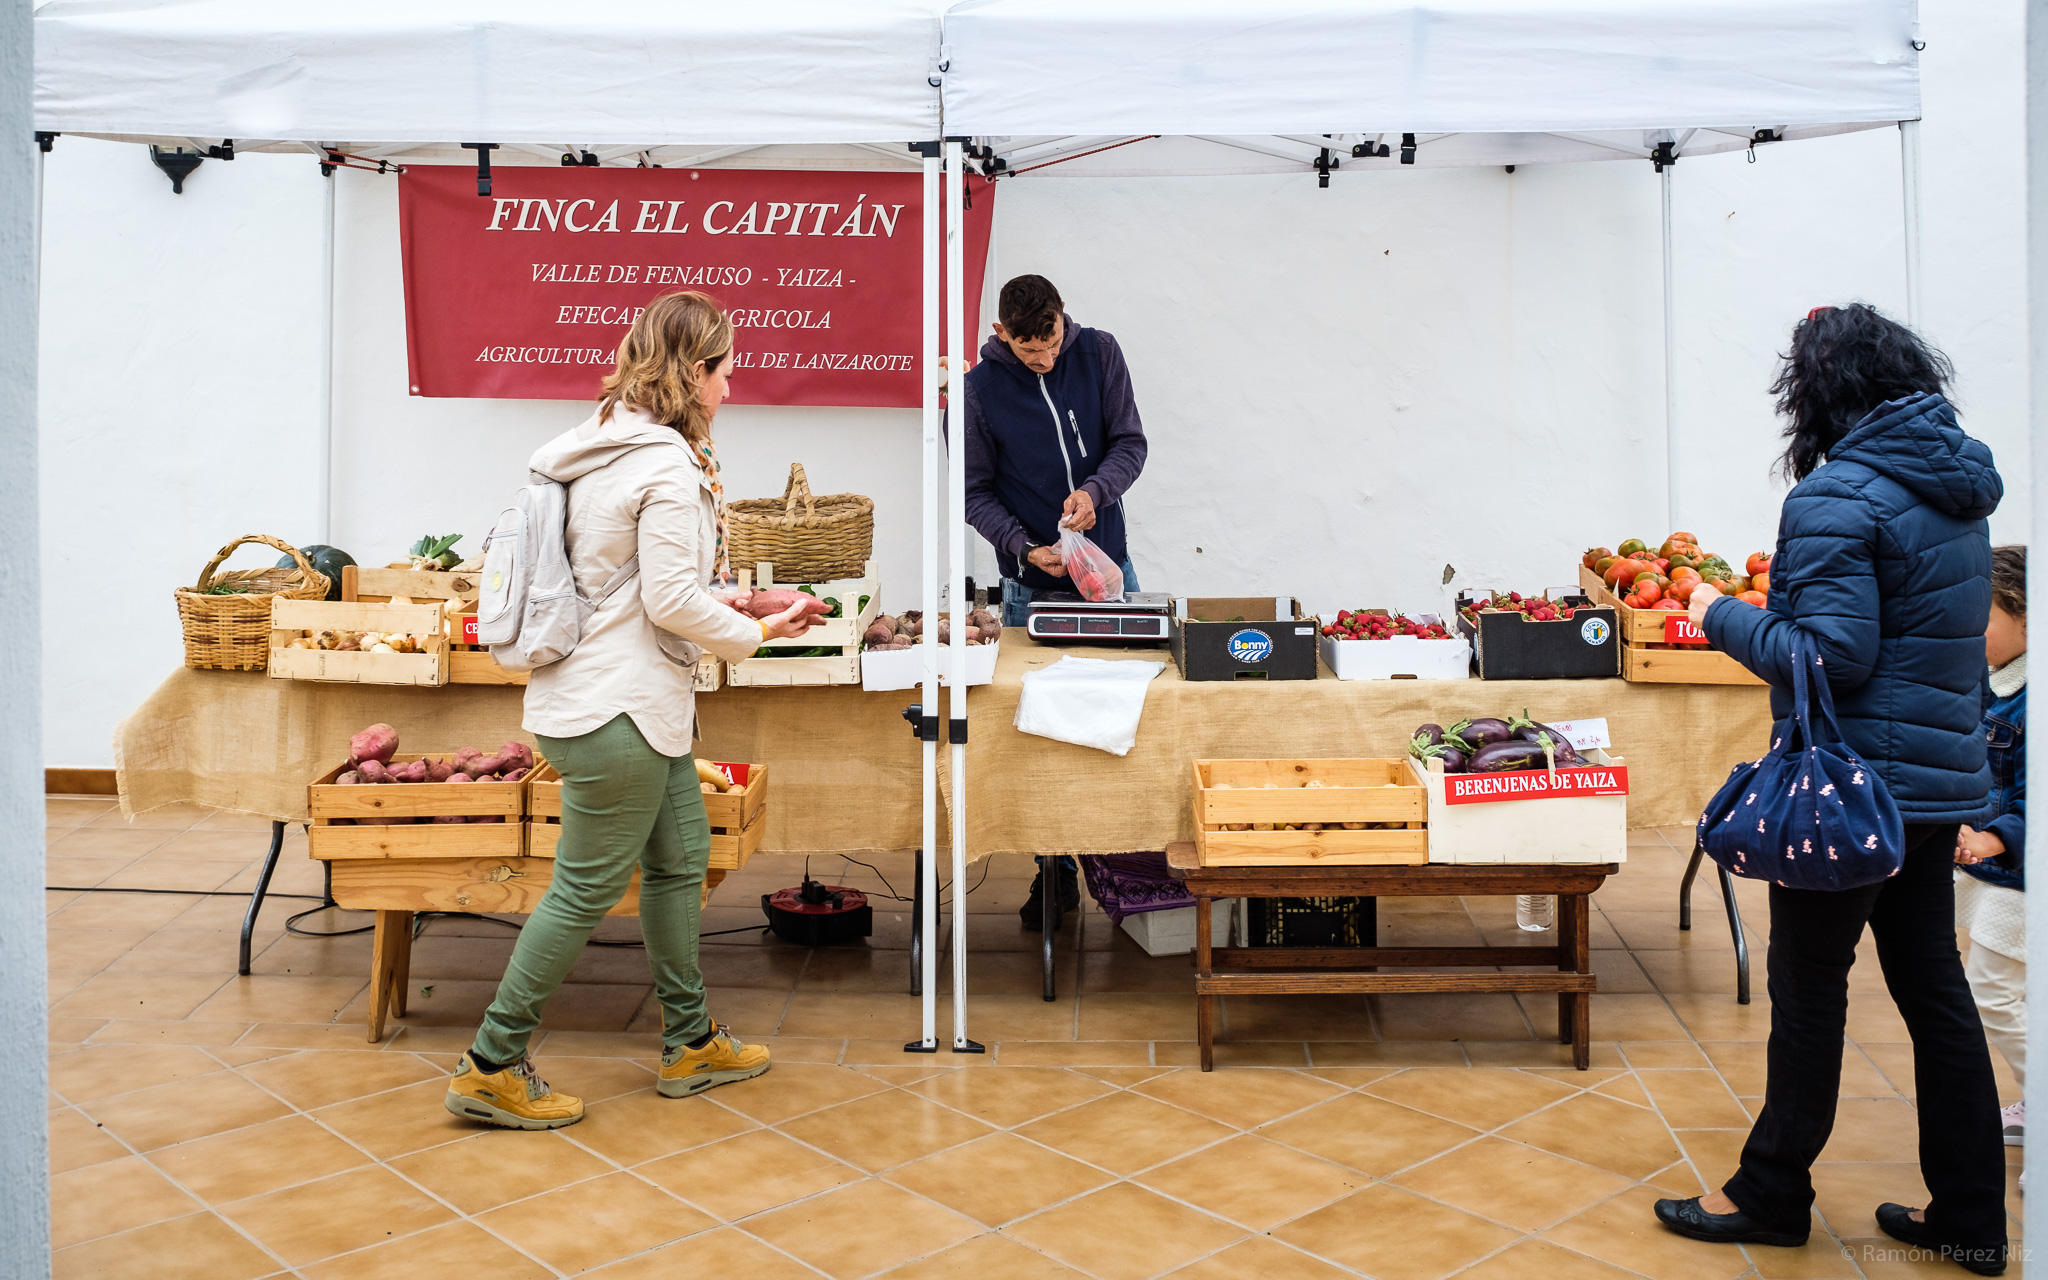 Foto de Ramón Pérez Niz en Uga